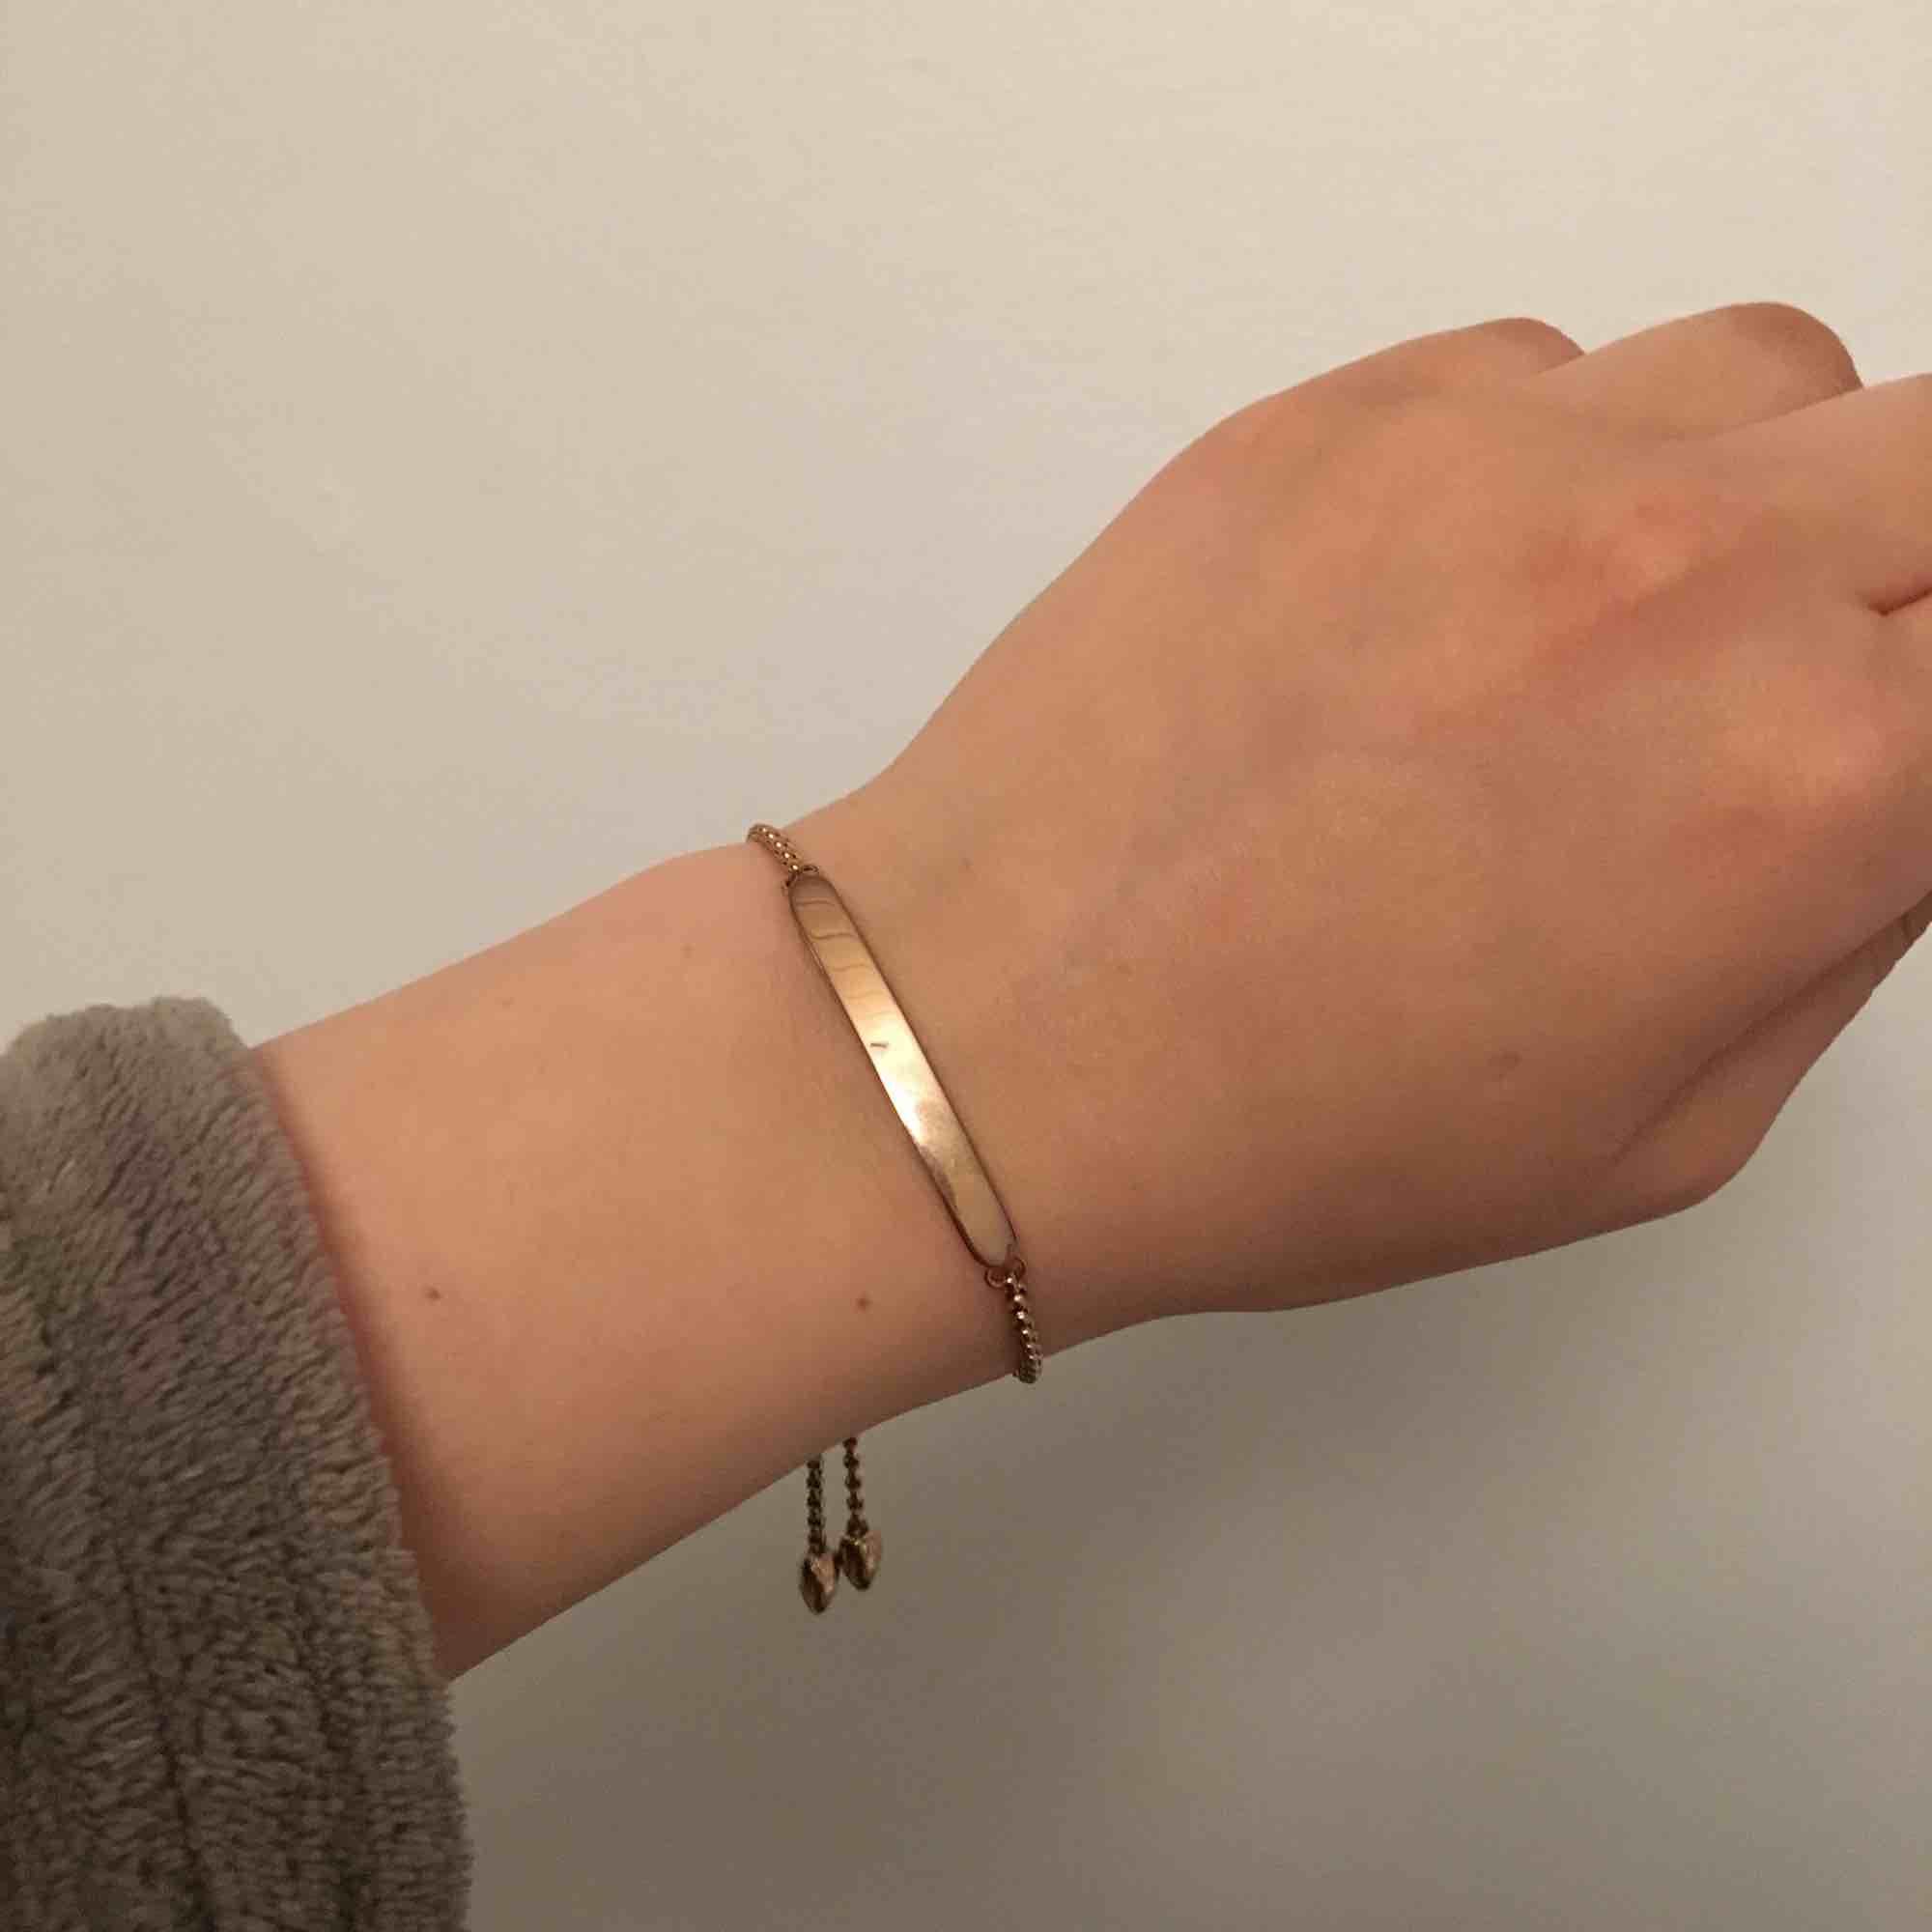 Super gulligt armband från okänt märke. Färgen är guld/ roséguld, kan inte avgöra. Säljer pågrund av ingen användning. Nypris 200kr, säljer för 100kr inkl frakt!. Accessoarer.